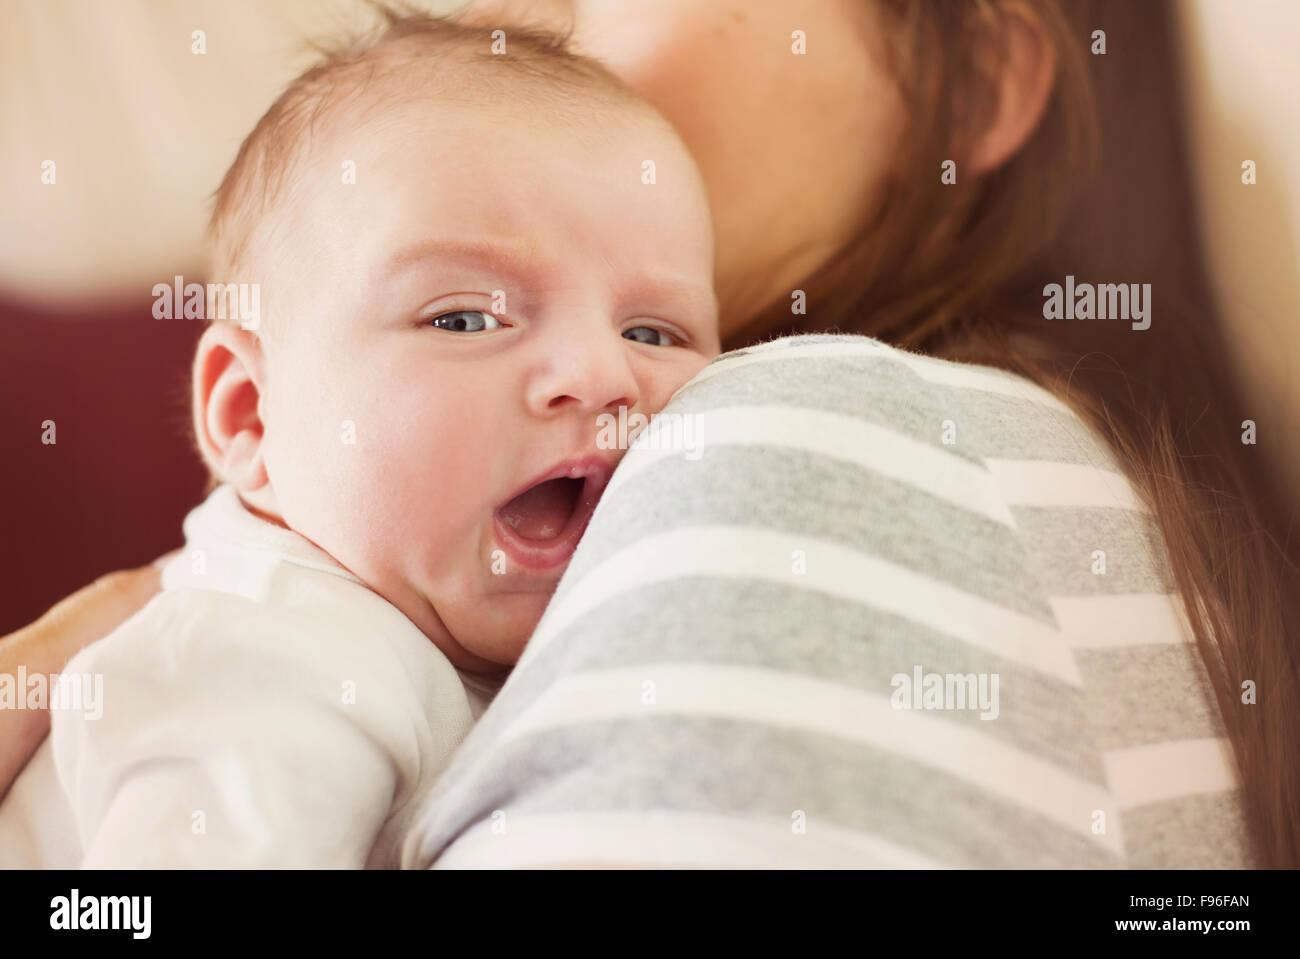 Lindo bebé recién nacido niño relajado en casa con su madre Imagen De Stock